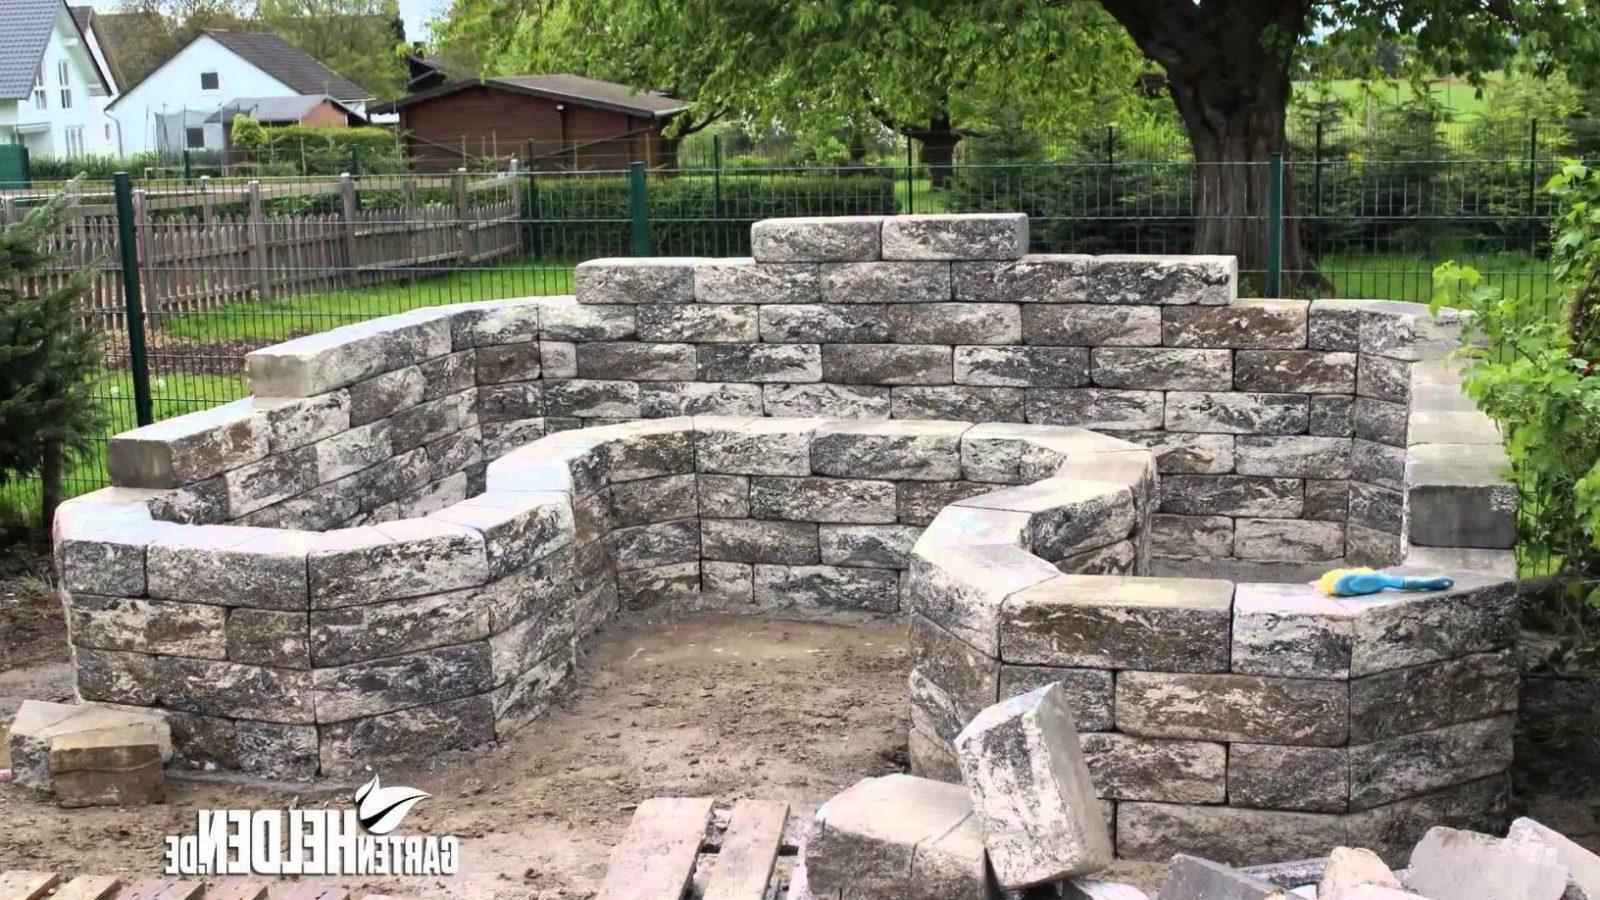 Steinmauer Selber Bauen Steinmauer Garten Selber Bauen Garten von Steinmauern Im Garten Selber Bauen Photo